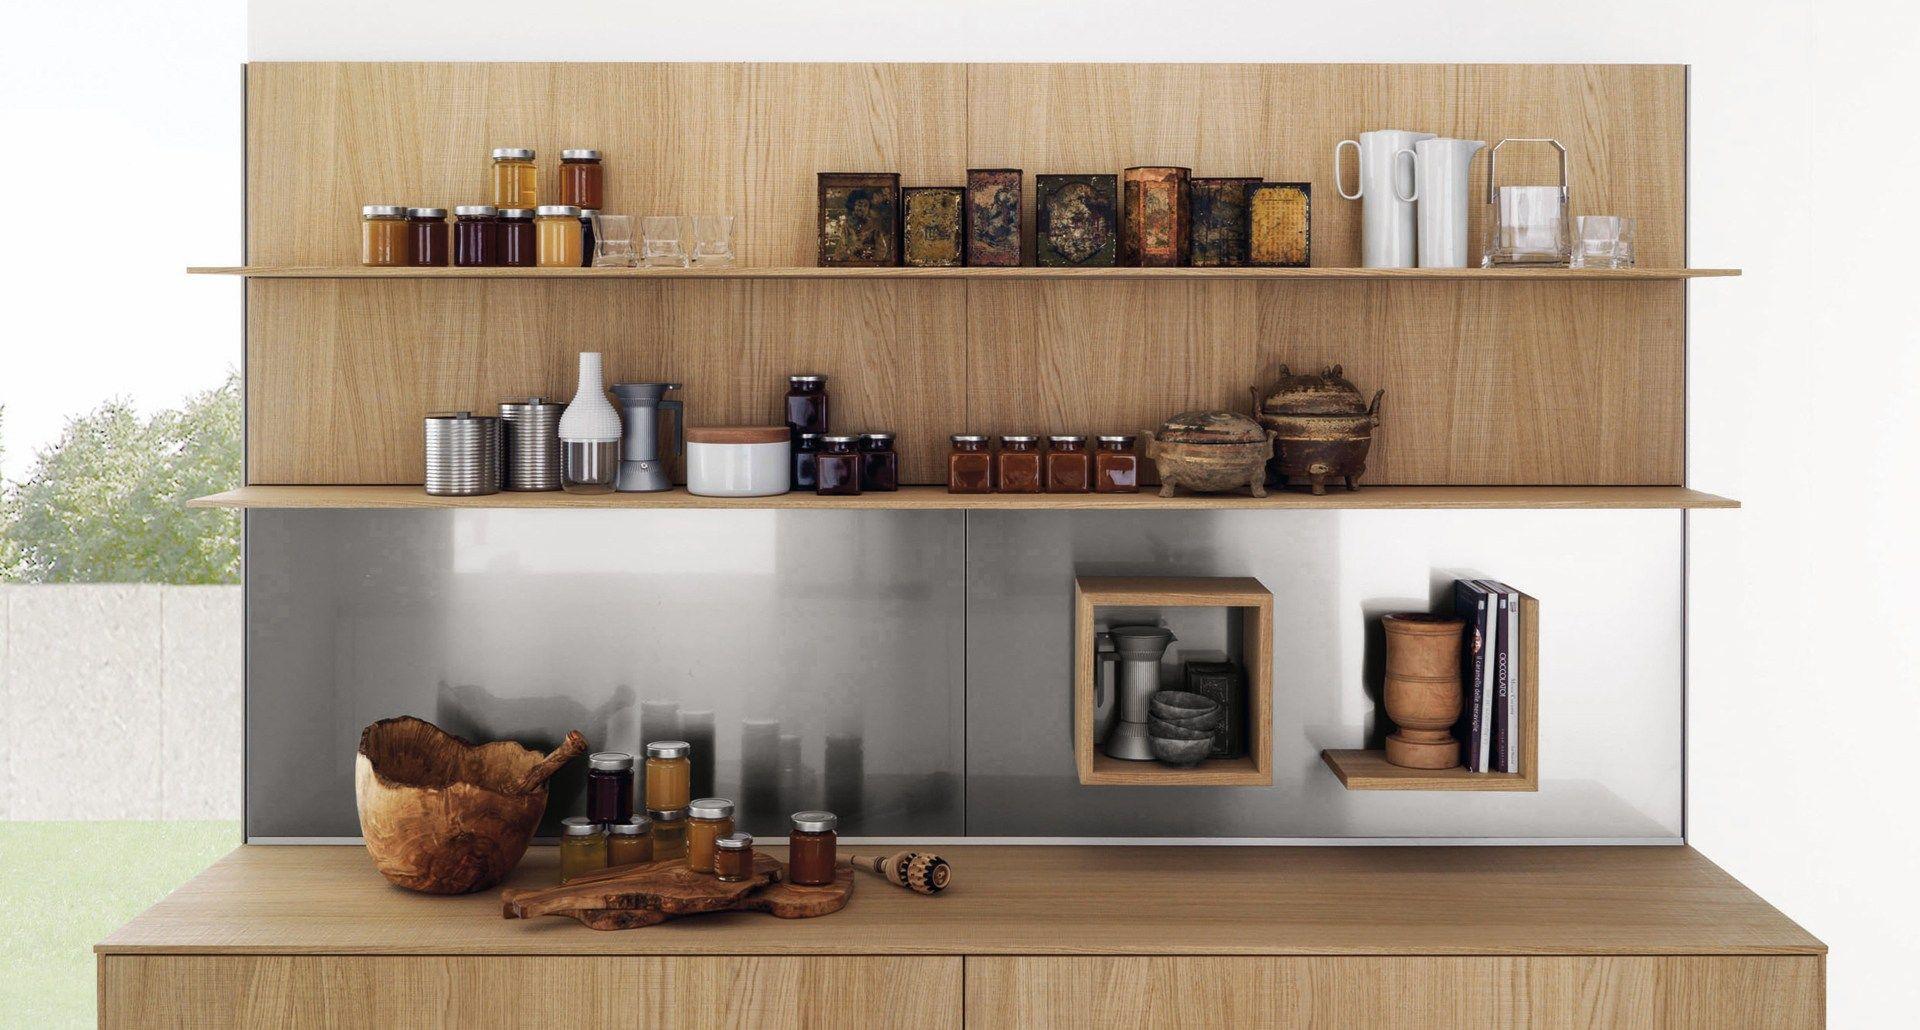 Mensole Da Parete Cucina idee fai da te in legno mensole sospese. mensole moderne per